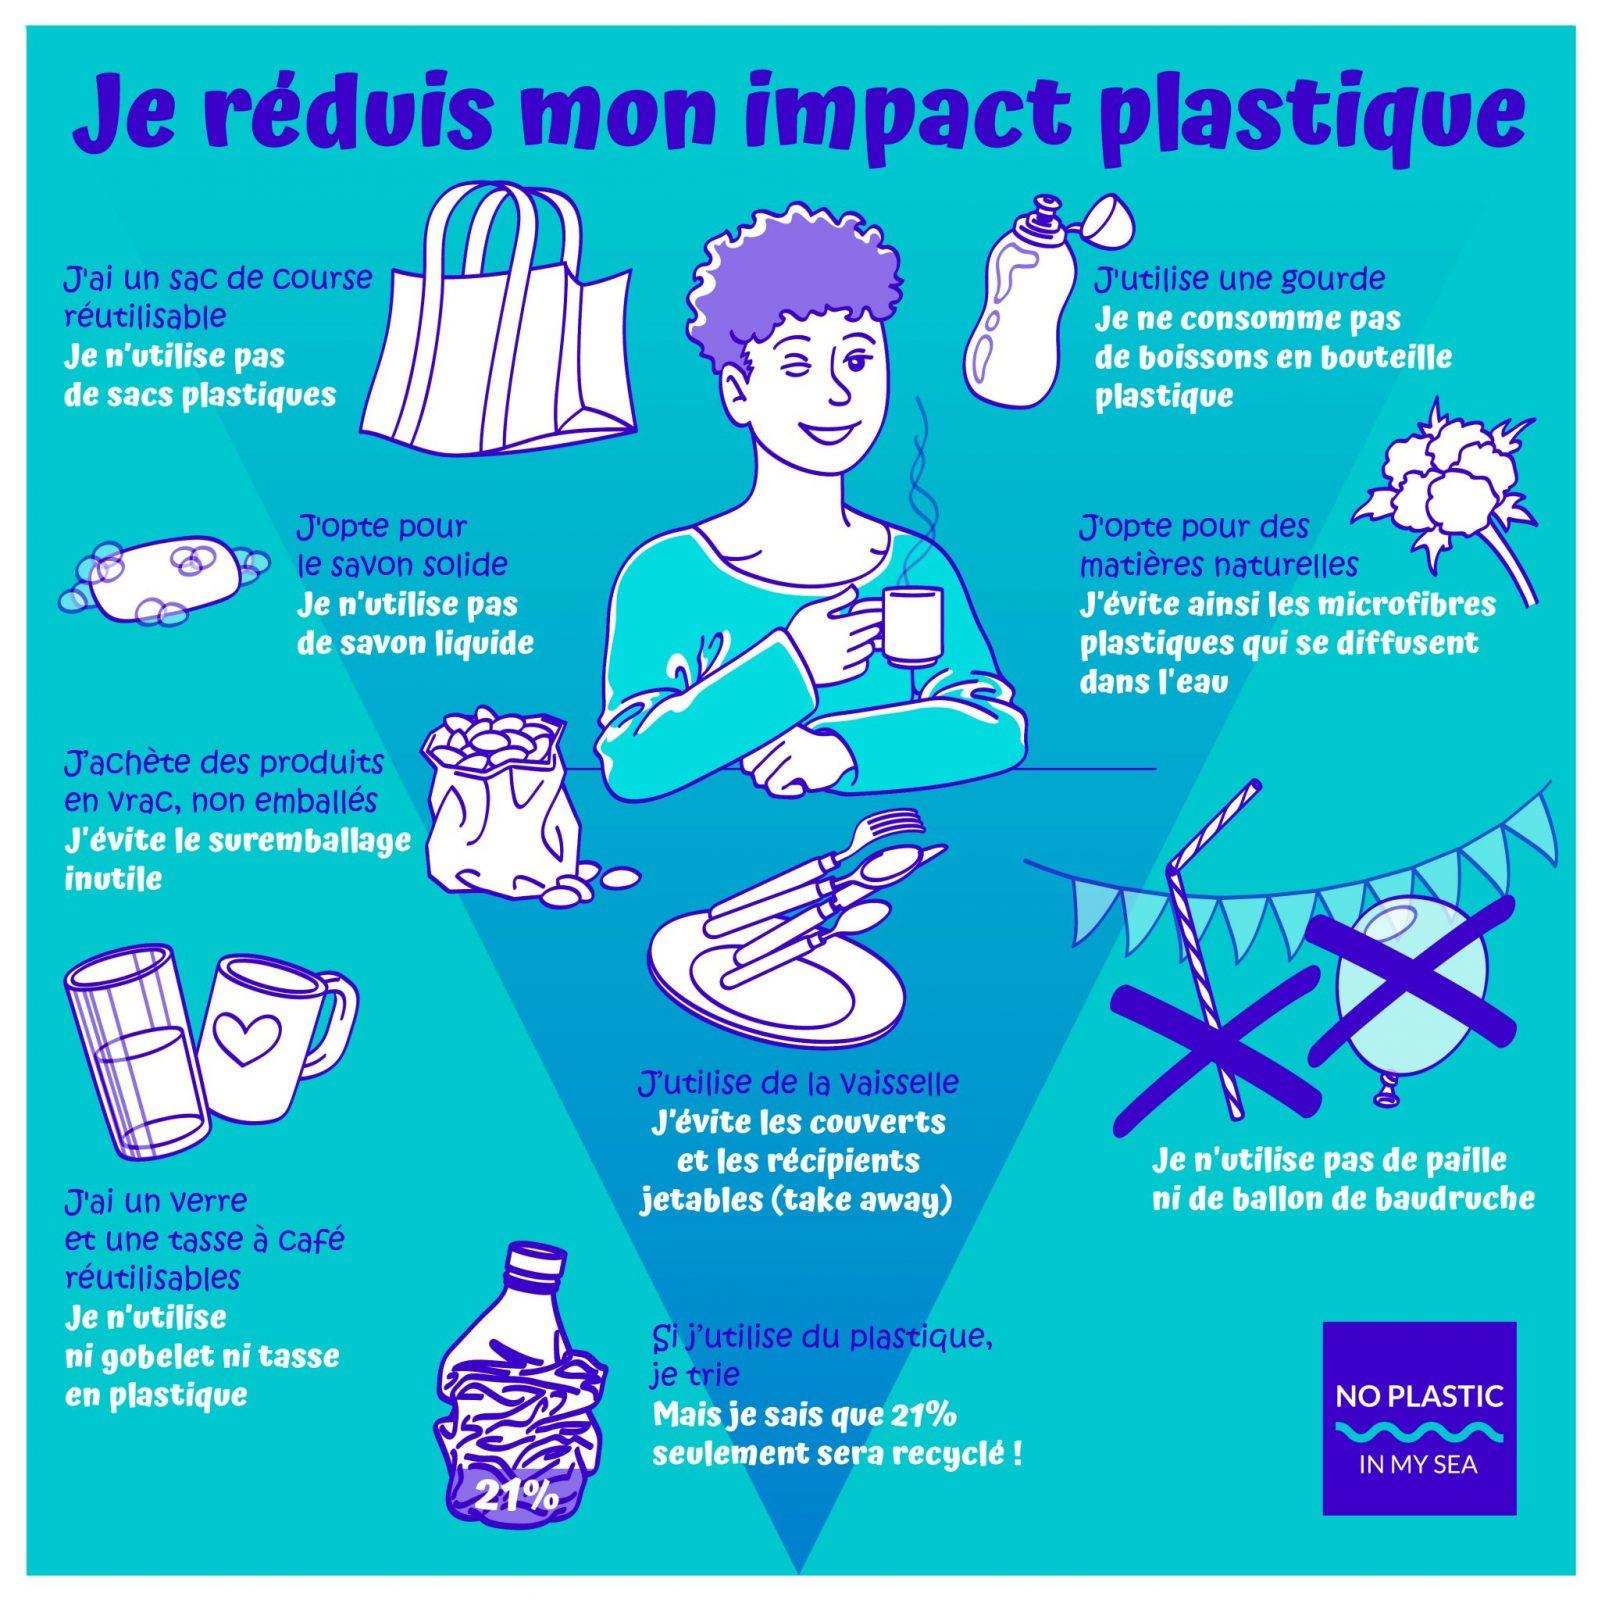 Et vous, quel sera votre engagement durant le #noplasticchallenge ?